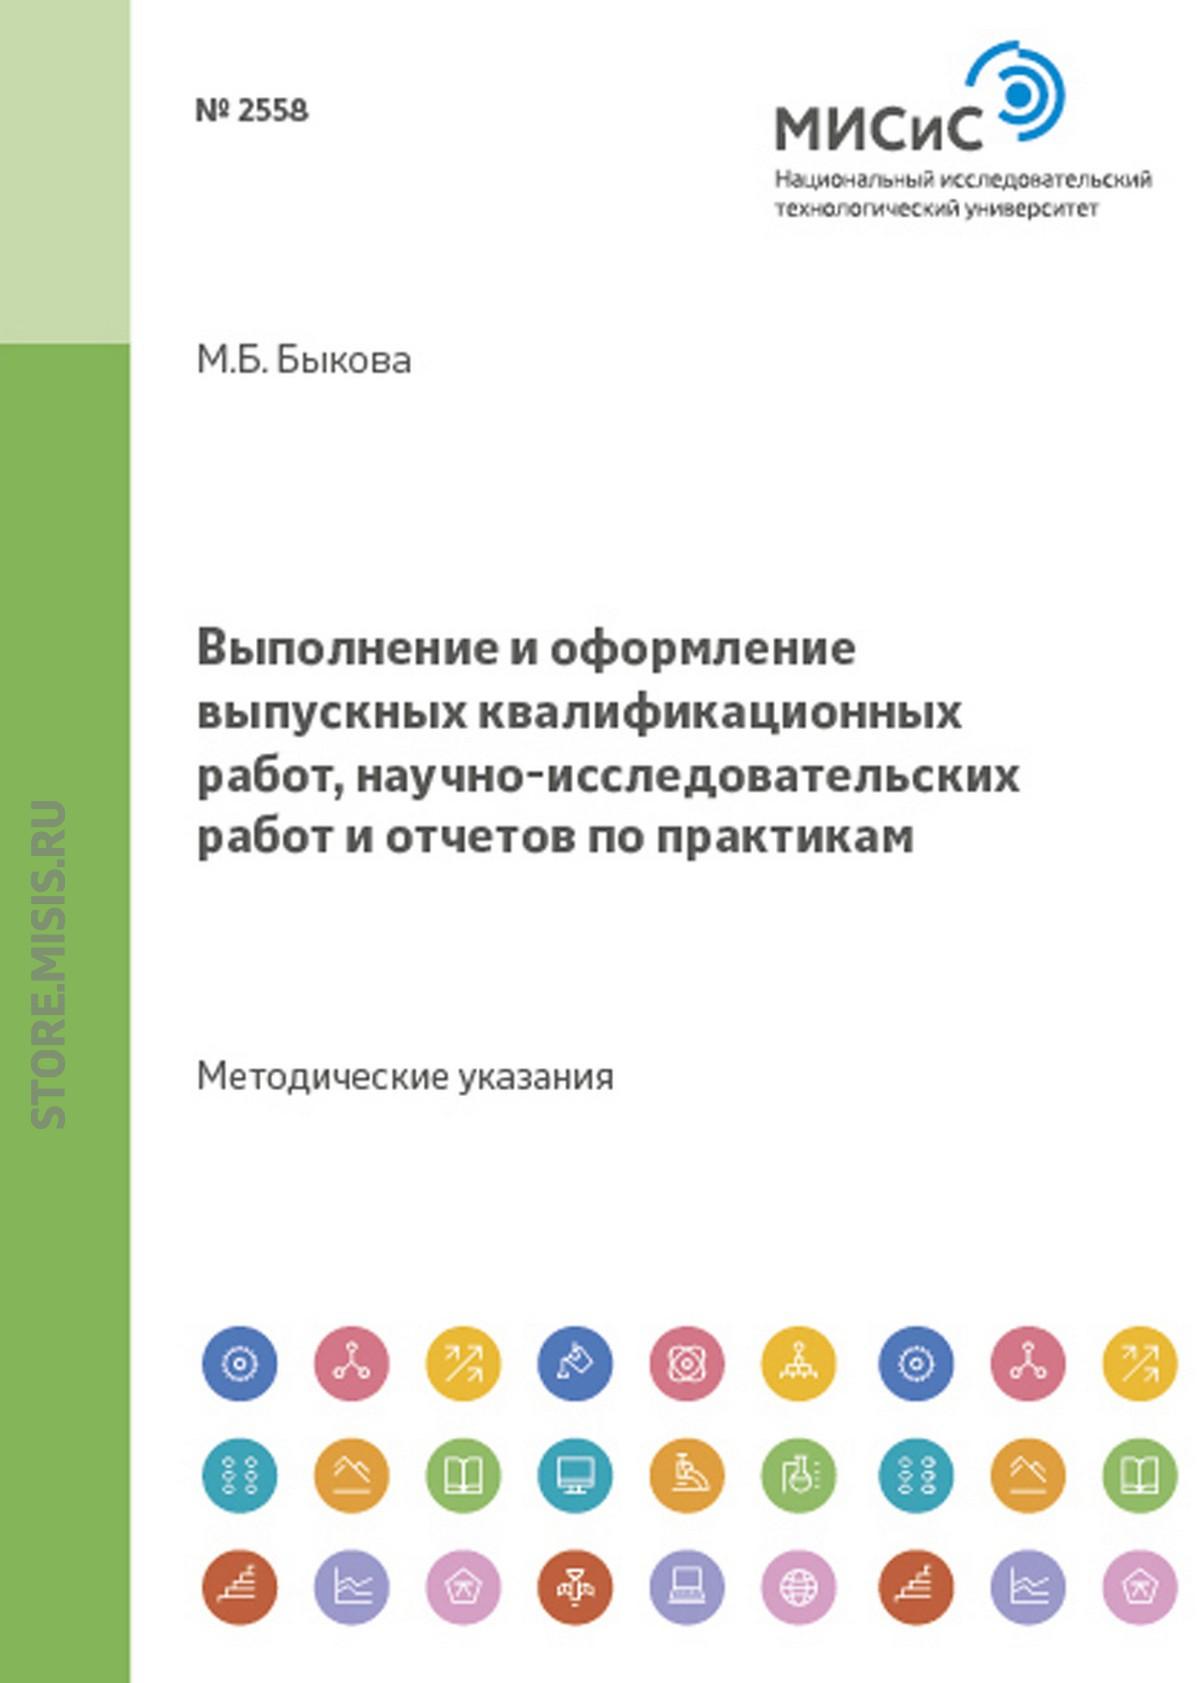 цены Нина Козлова Выполнение и оформление выпускных квалификационных работ, научно-исследовательских работ и отчетов по практикам